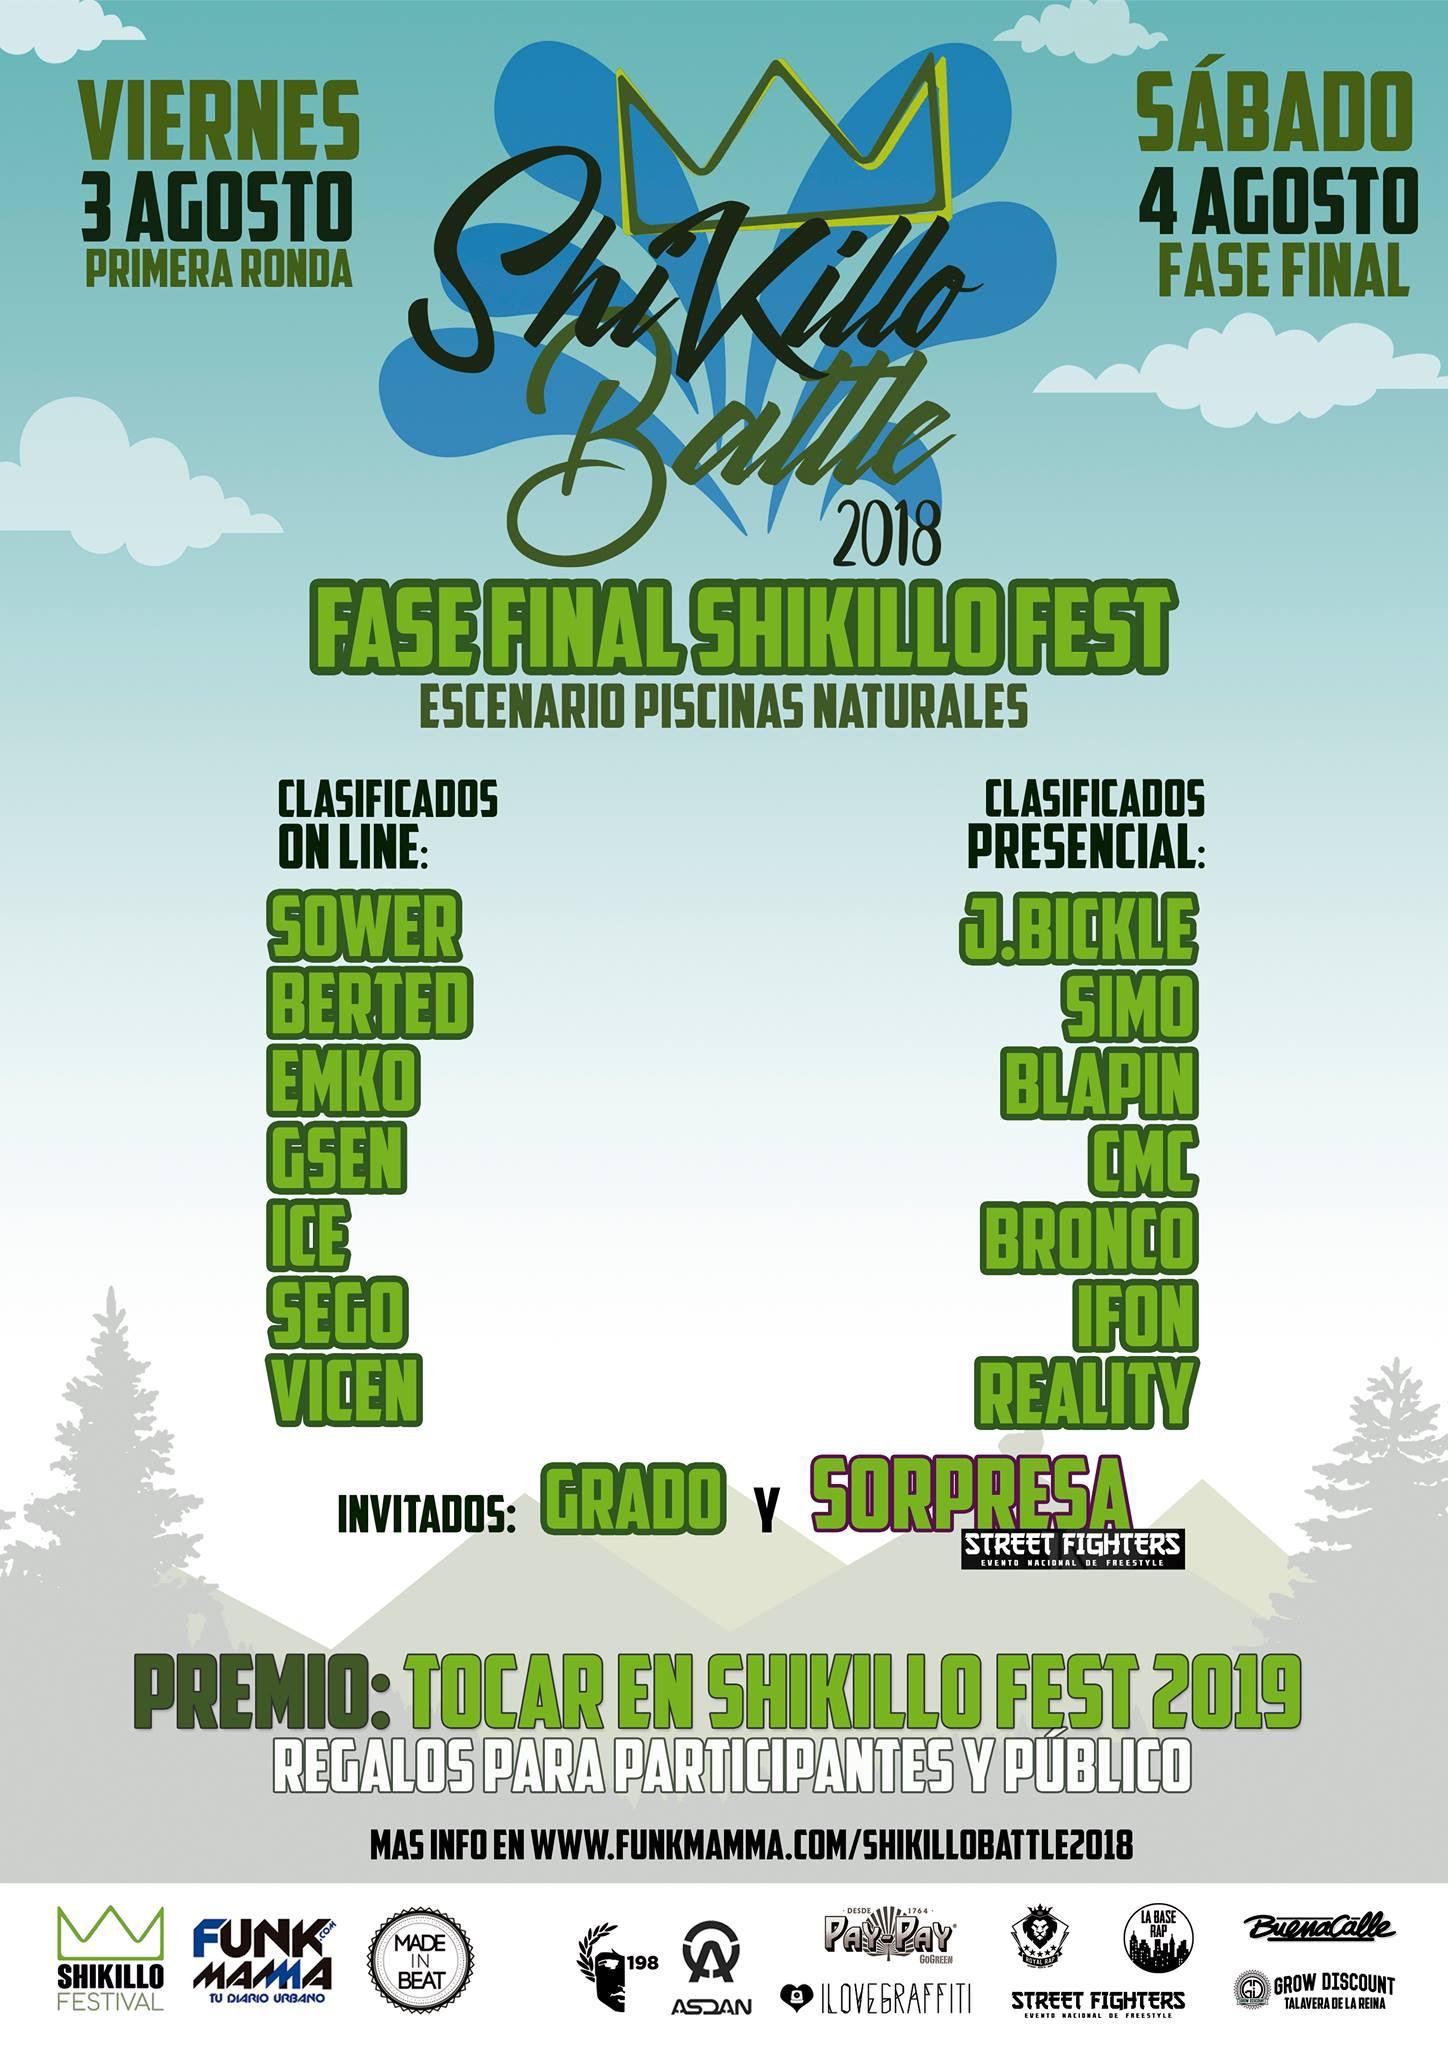 Shikillo Battle - Shikillo Festival - TiétarTeVe